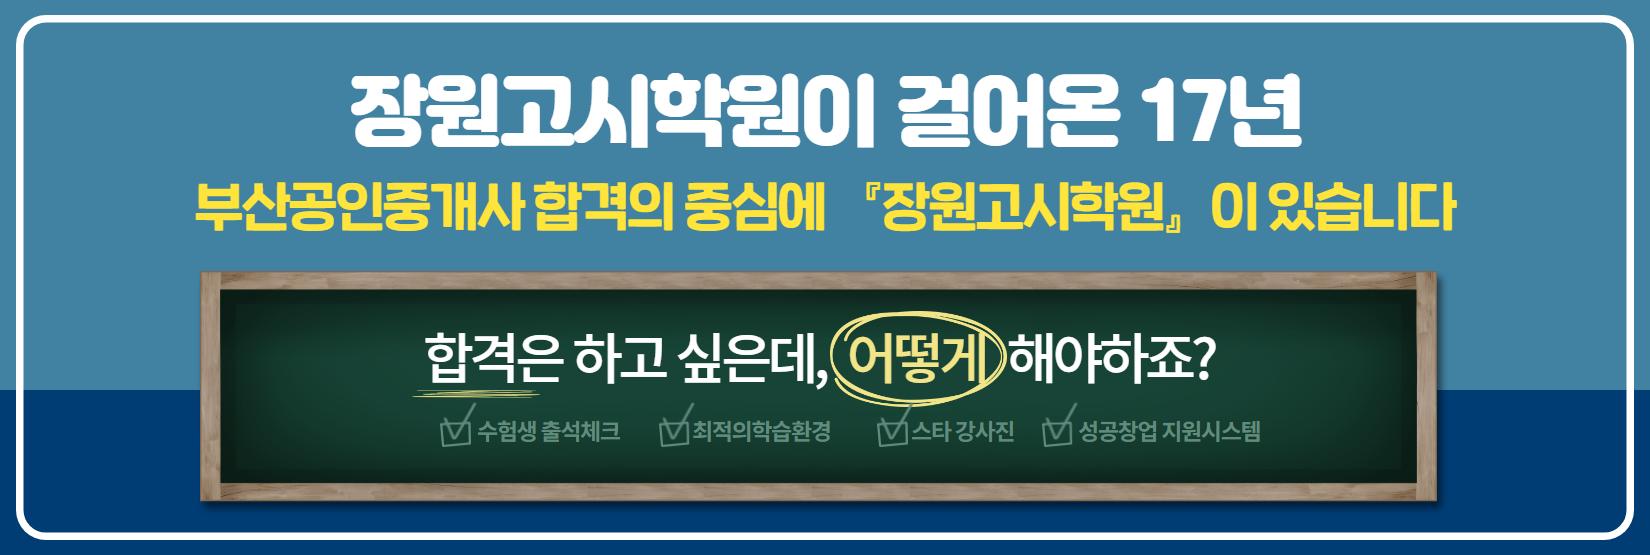 부산공인중개사학원 코로나극복 캠페인